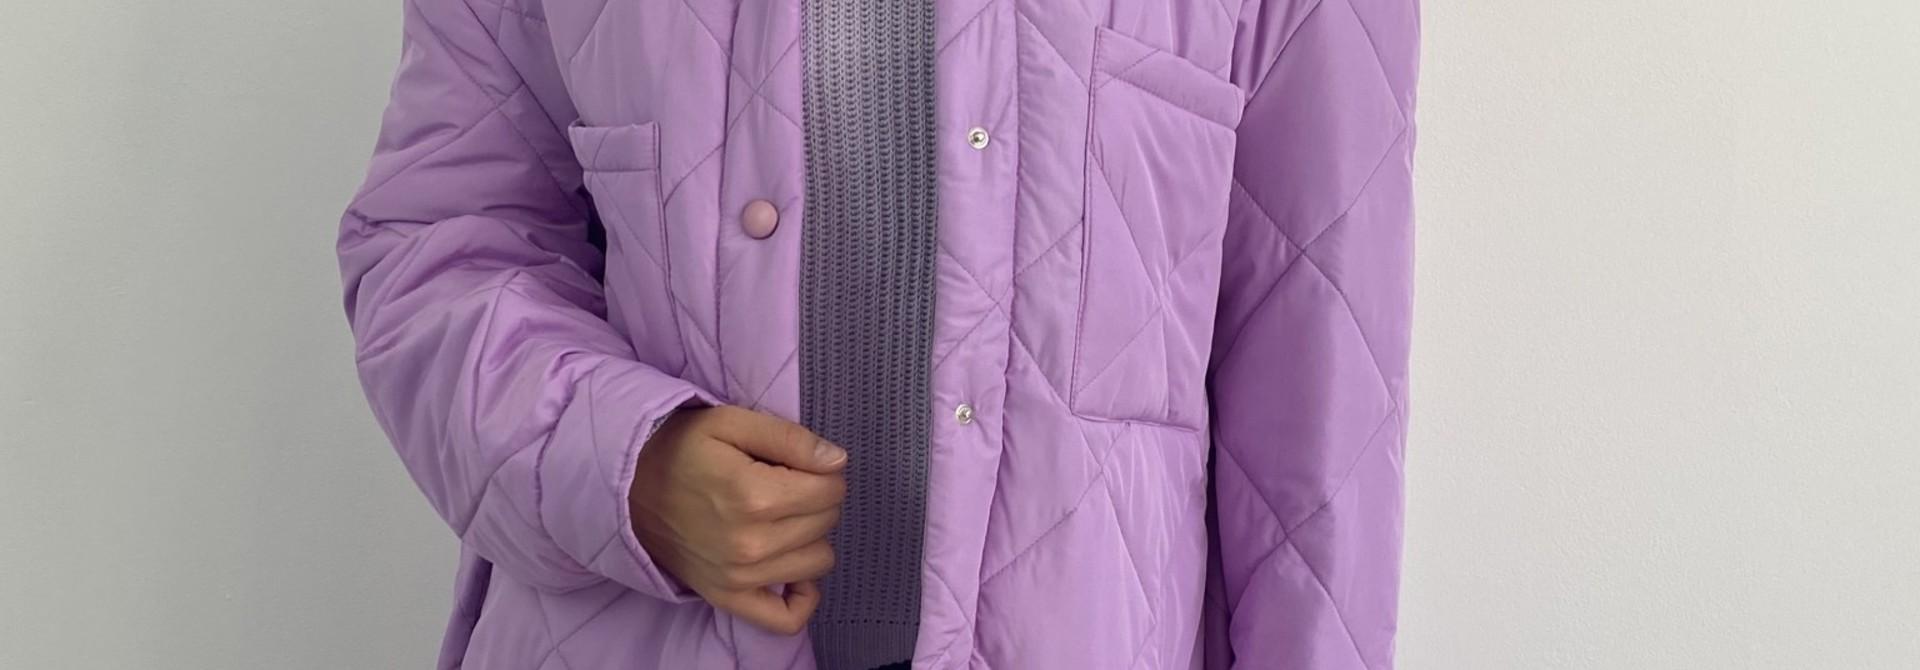 Hula matelasse jacket Lila